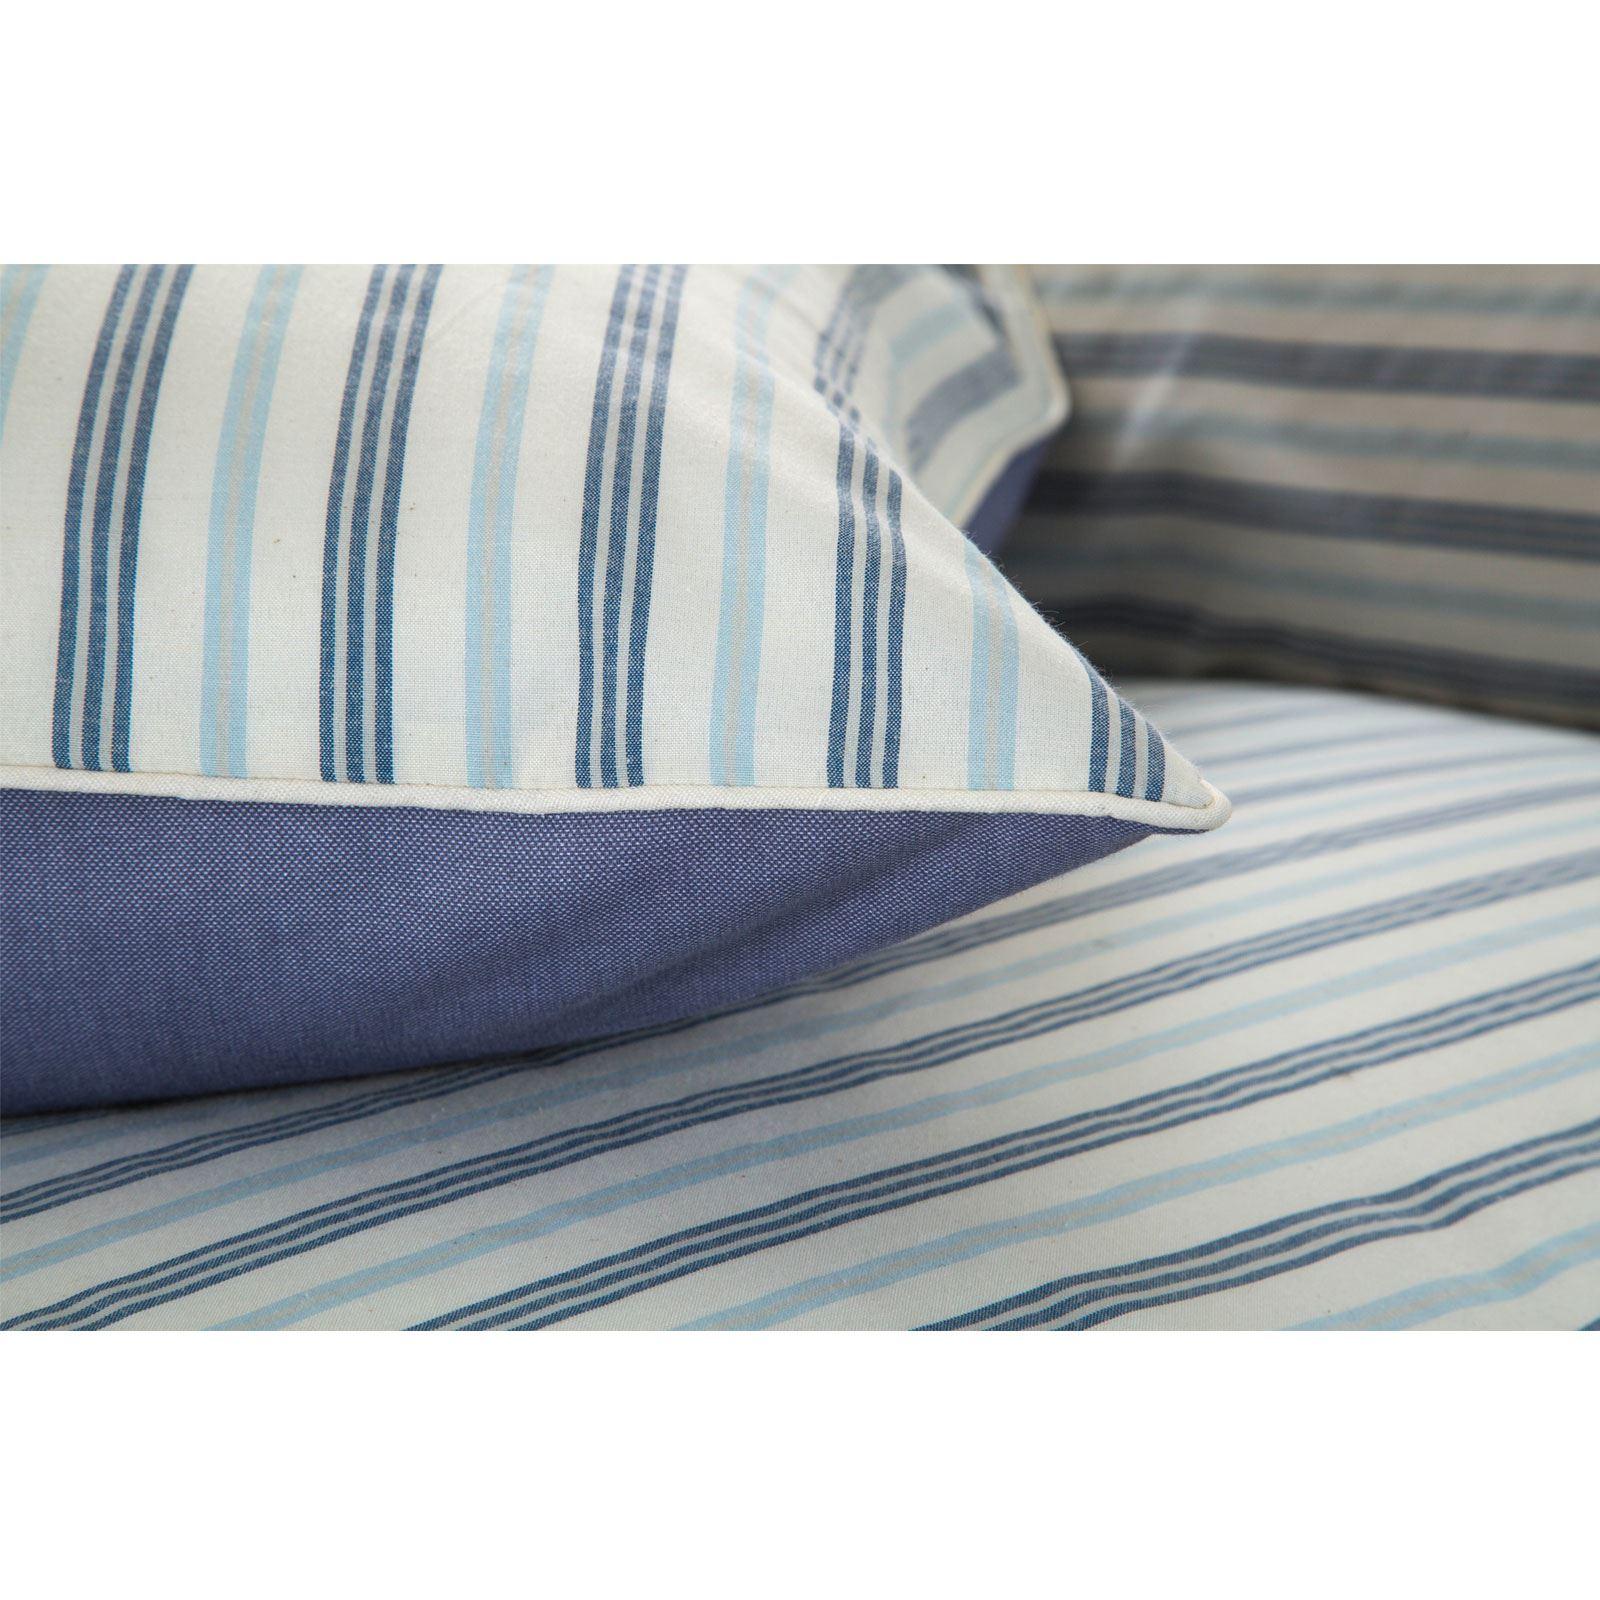 De-Lujo-Suave-Algodon-Rico-Tejido-Stripe-Multi-Funda-Nordica-Edredon-De-Rayas-Juego-De-Cama miniatura 26